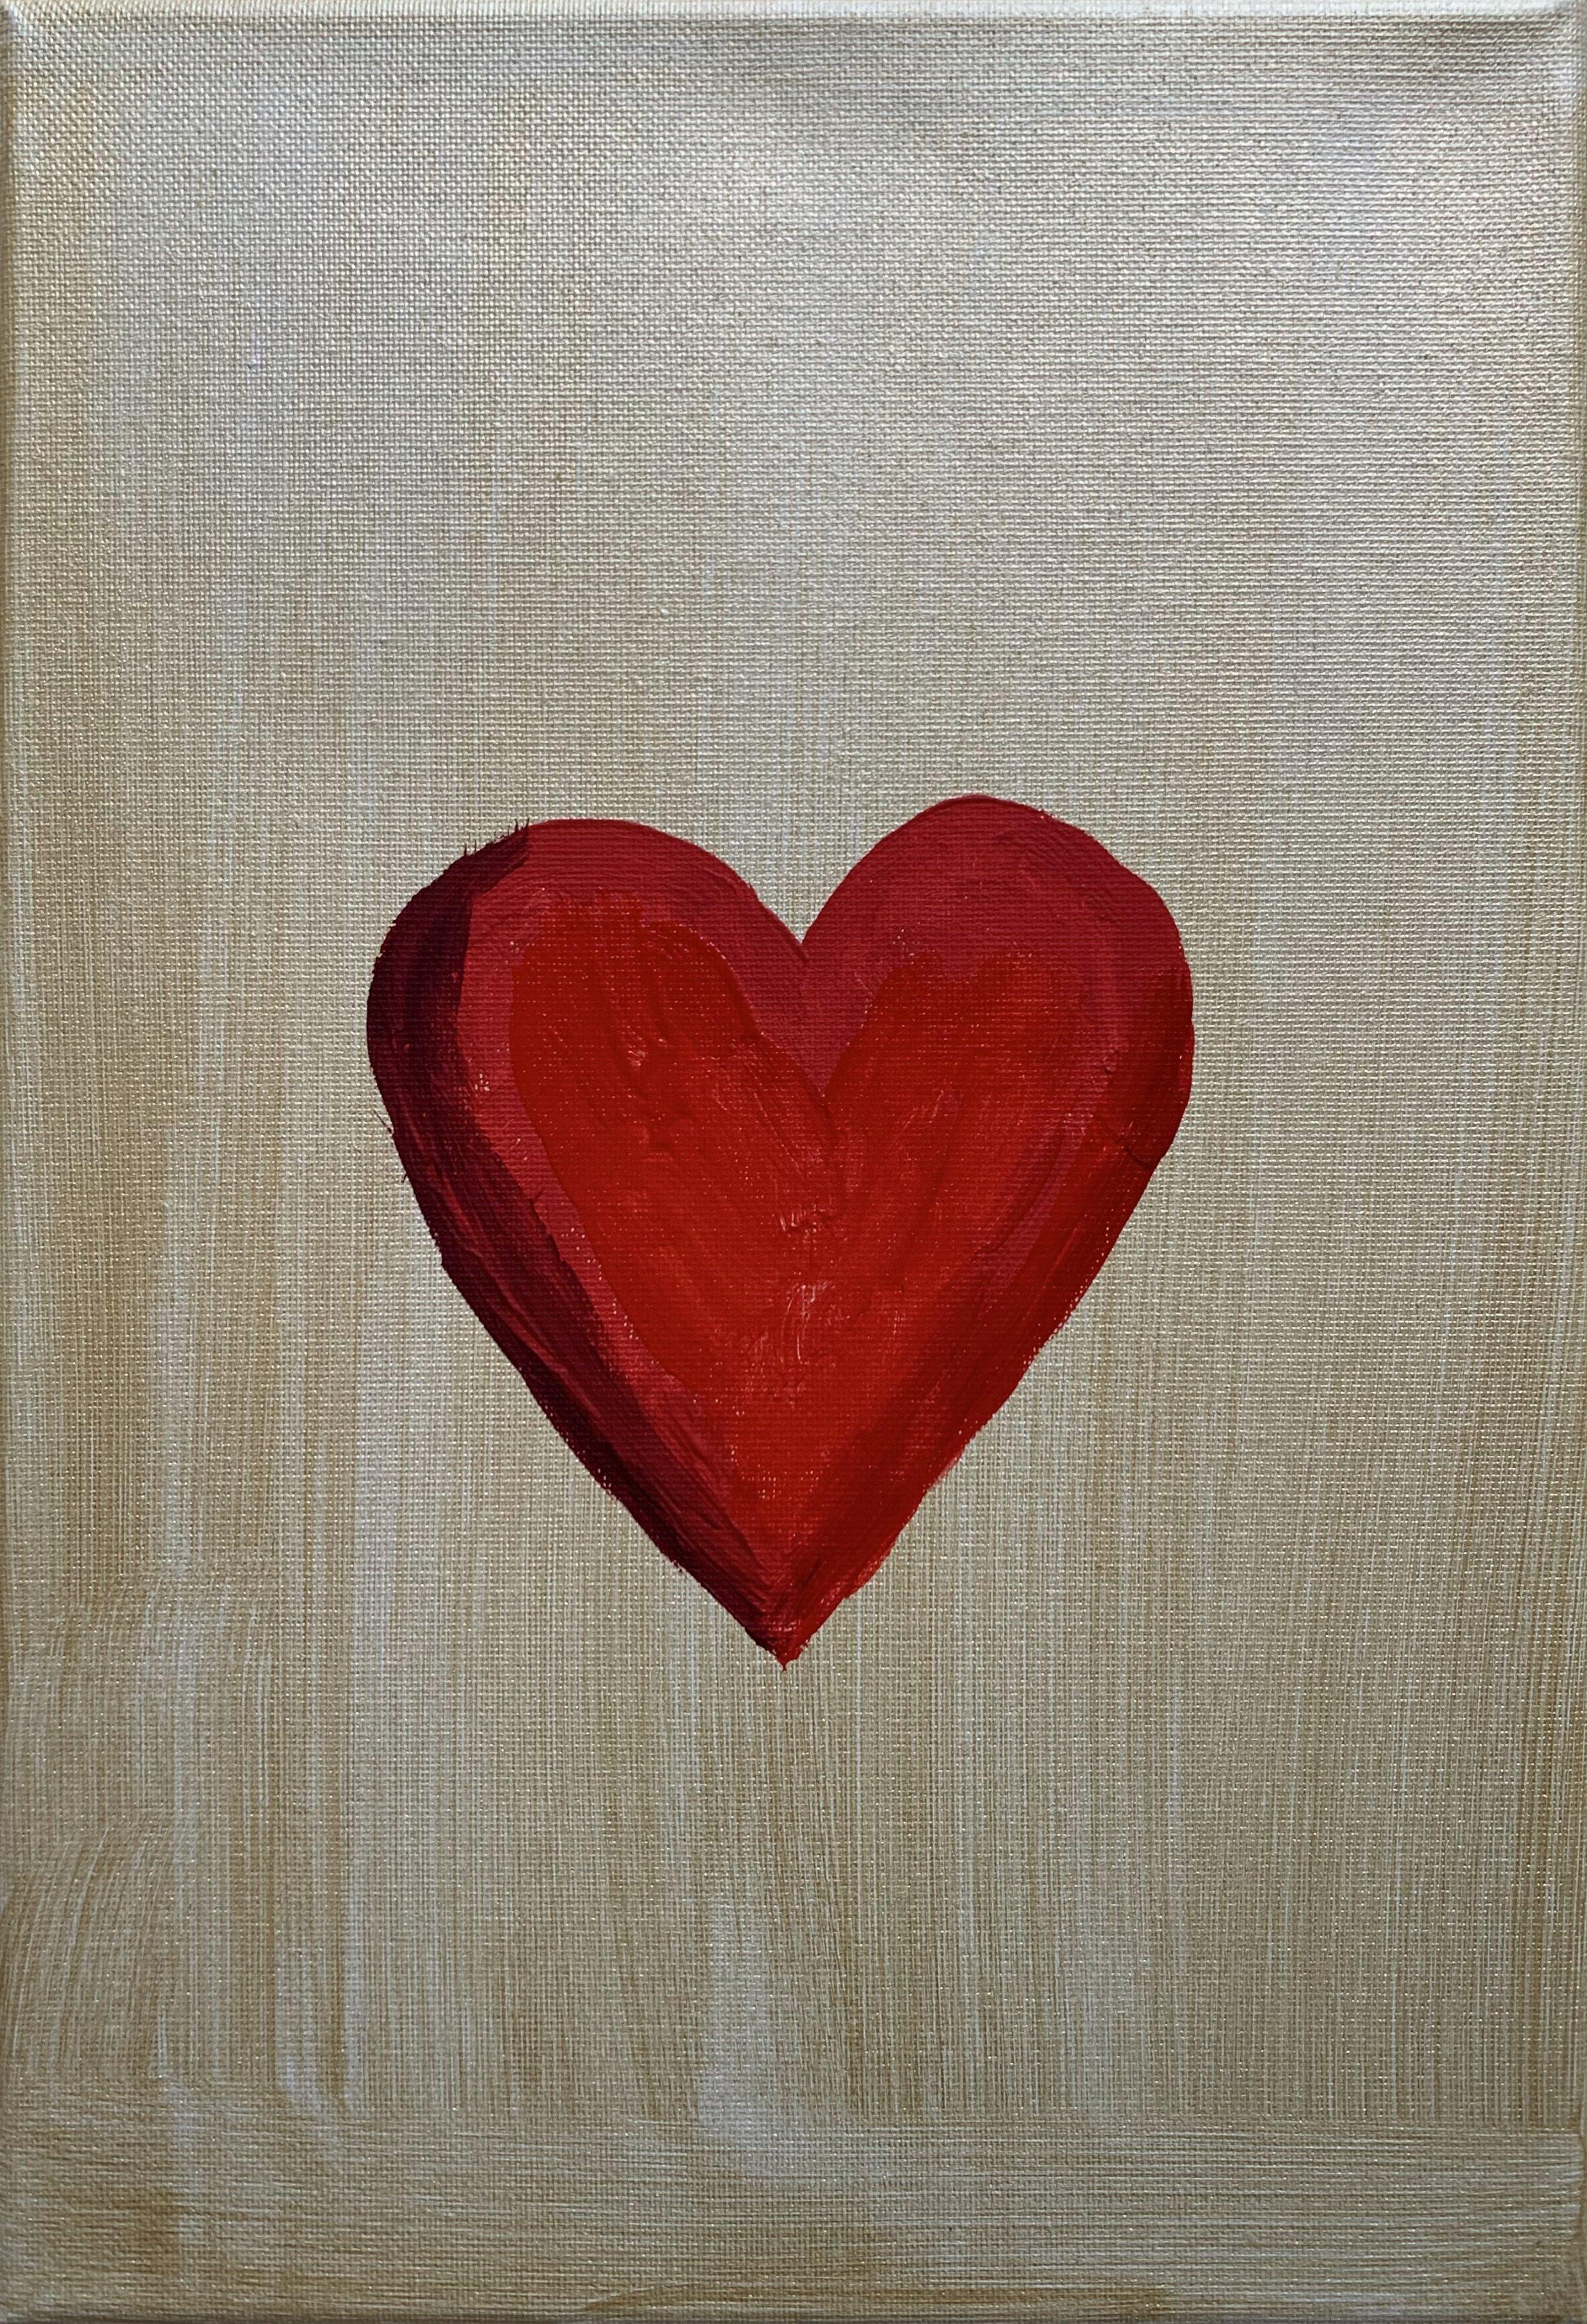 Love - Andrea